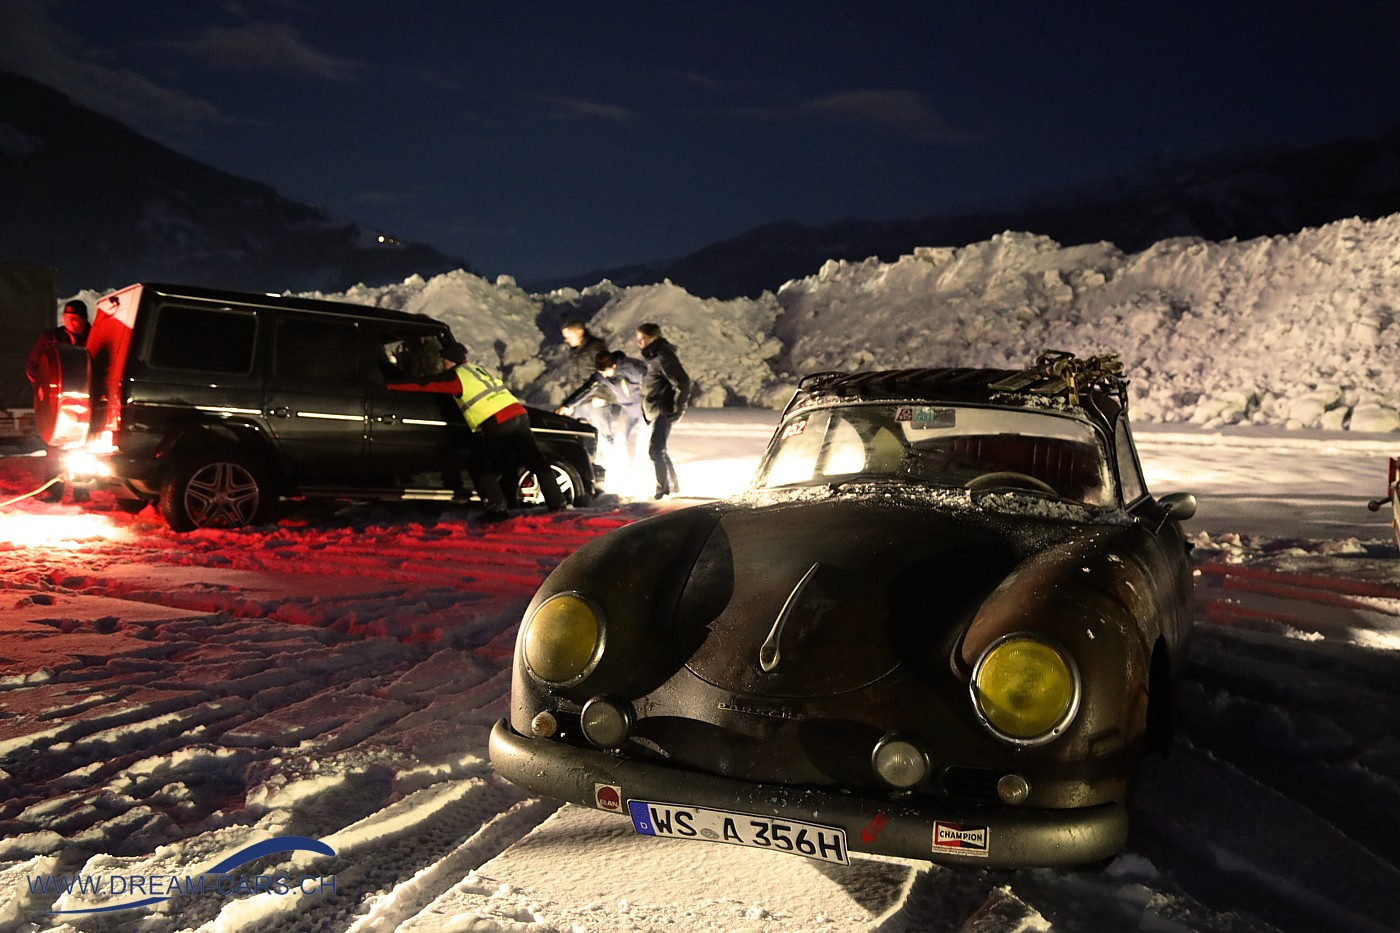 Porsche 356 am GP Ice Race in Zell am See